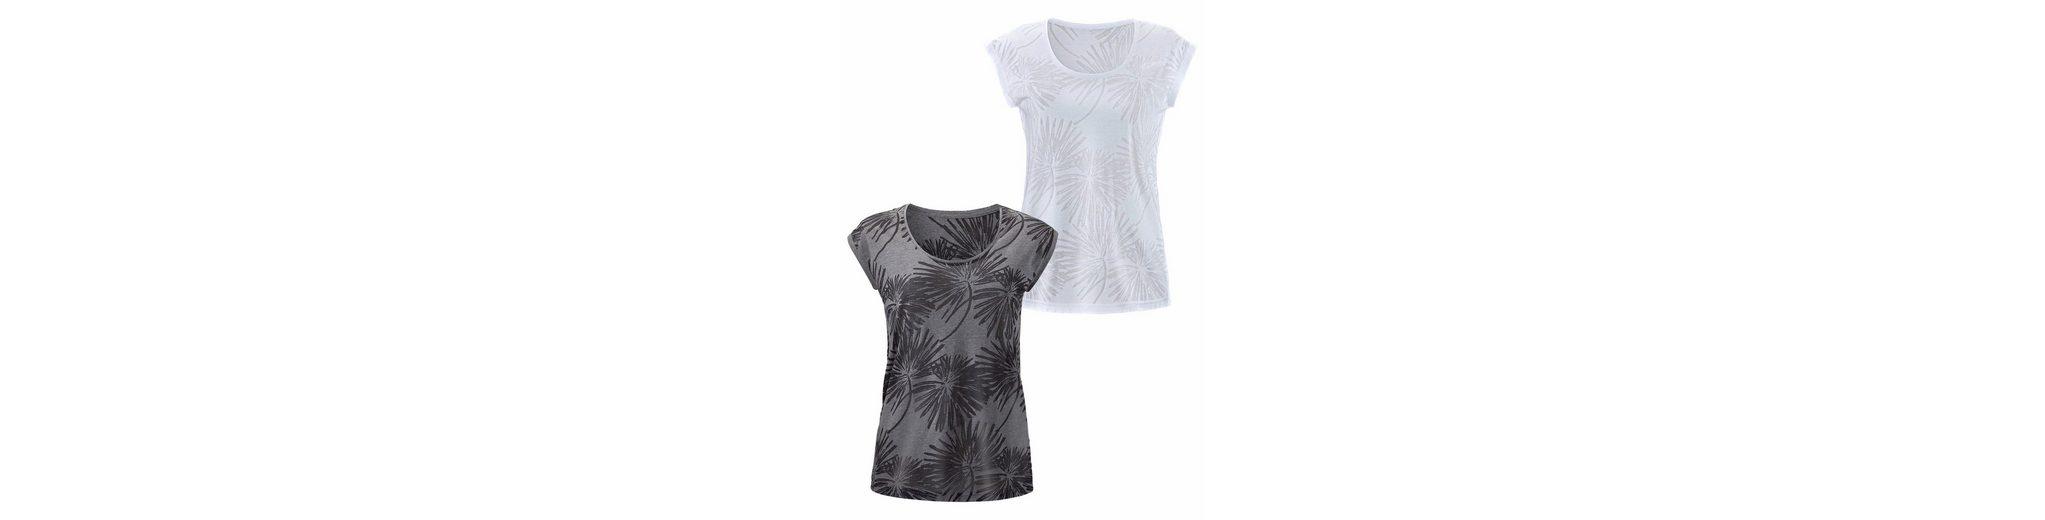 Beachtime T-Shirts (2 Stück) in Palmen-Ausbrenner-Optik Wiki Zum Verkauf Günstig Kaufen Mit Paypal pcITzZgH